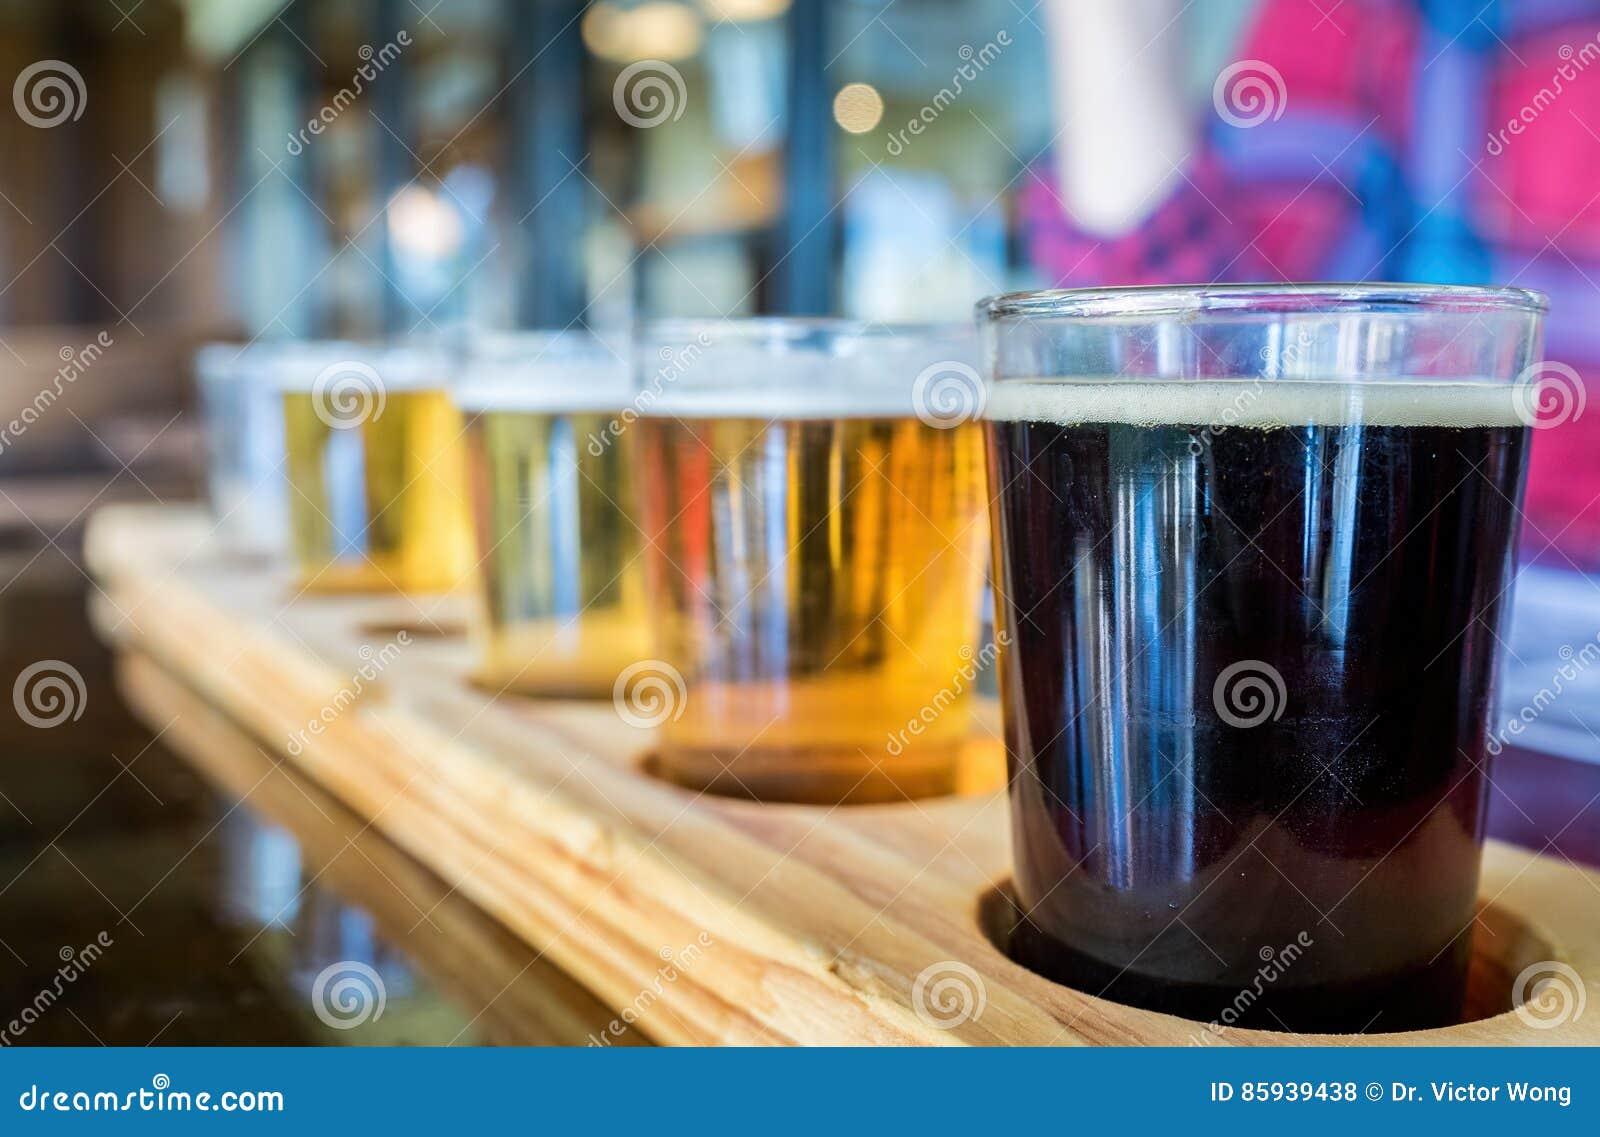 Demonstradores da cerveja na bandeja de madeira original